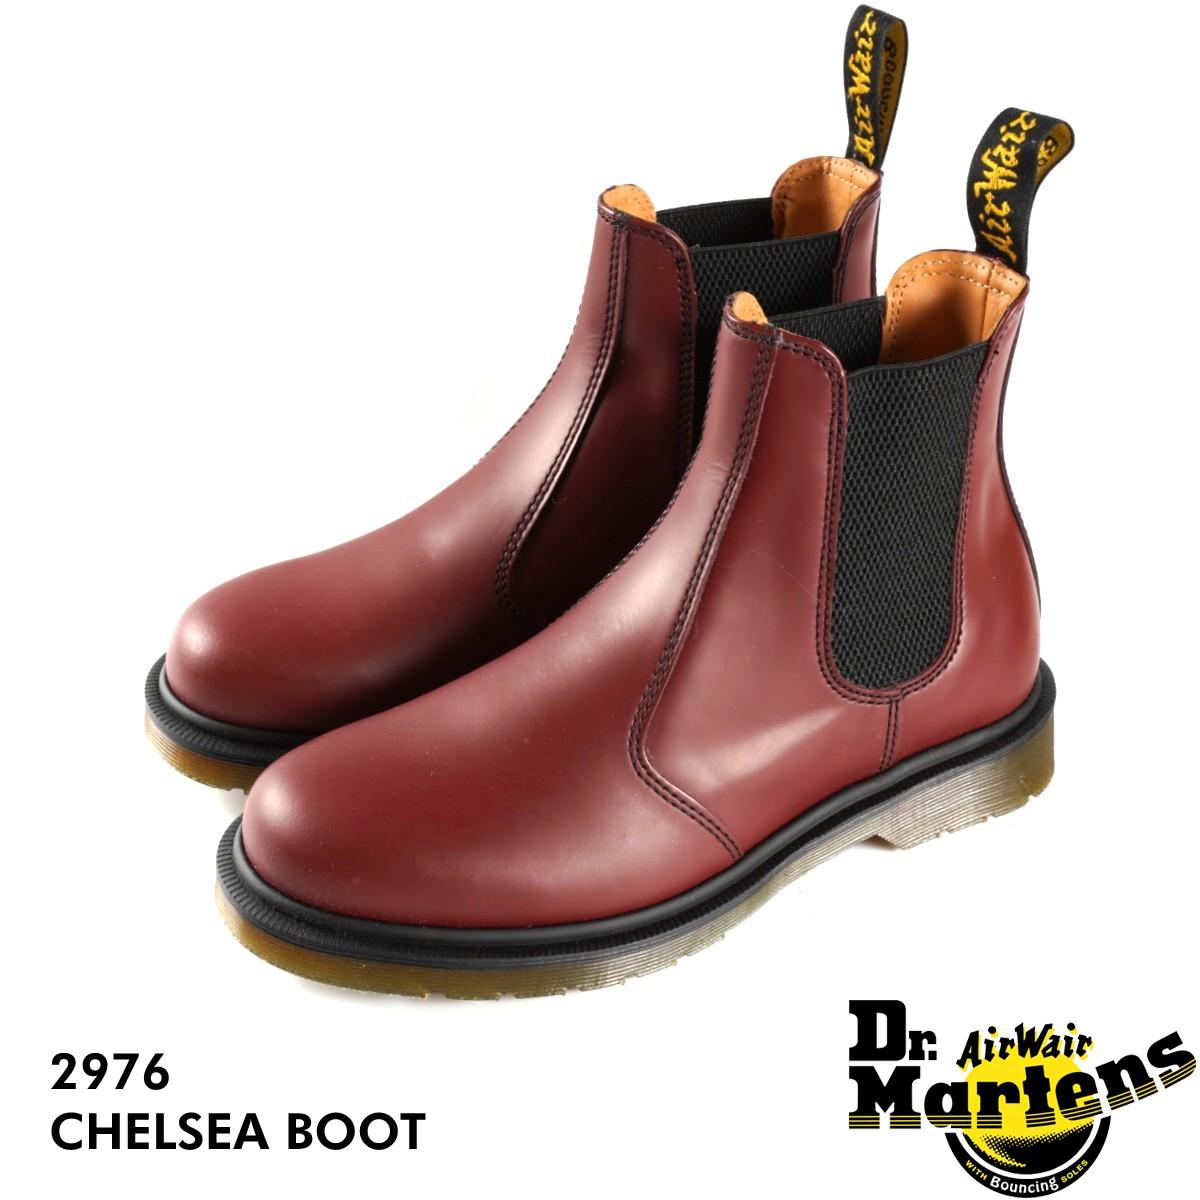 【毎日がお得!値下げプライス】 Dr.Martens CHELSEA BOOT 2976 R11853600 【メンズ】【レディース】 ドクターマーチン チェルシー ブーツ CHERRY 赤 サイドゴア